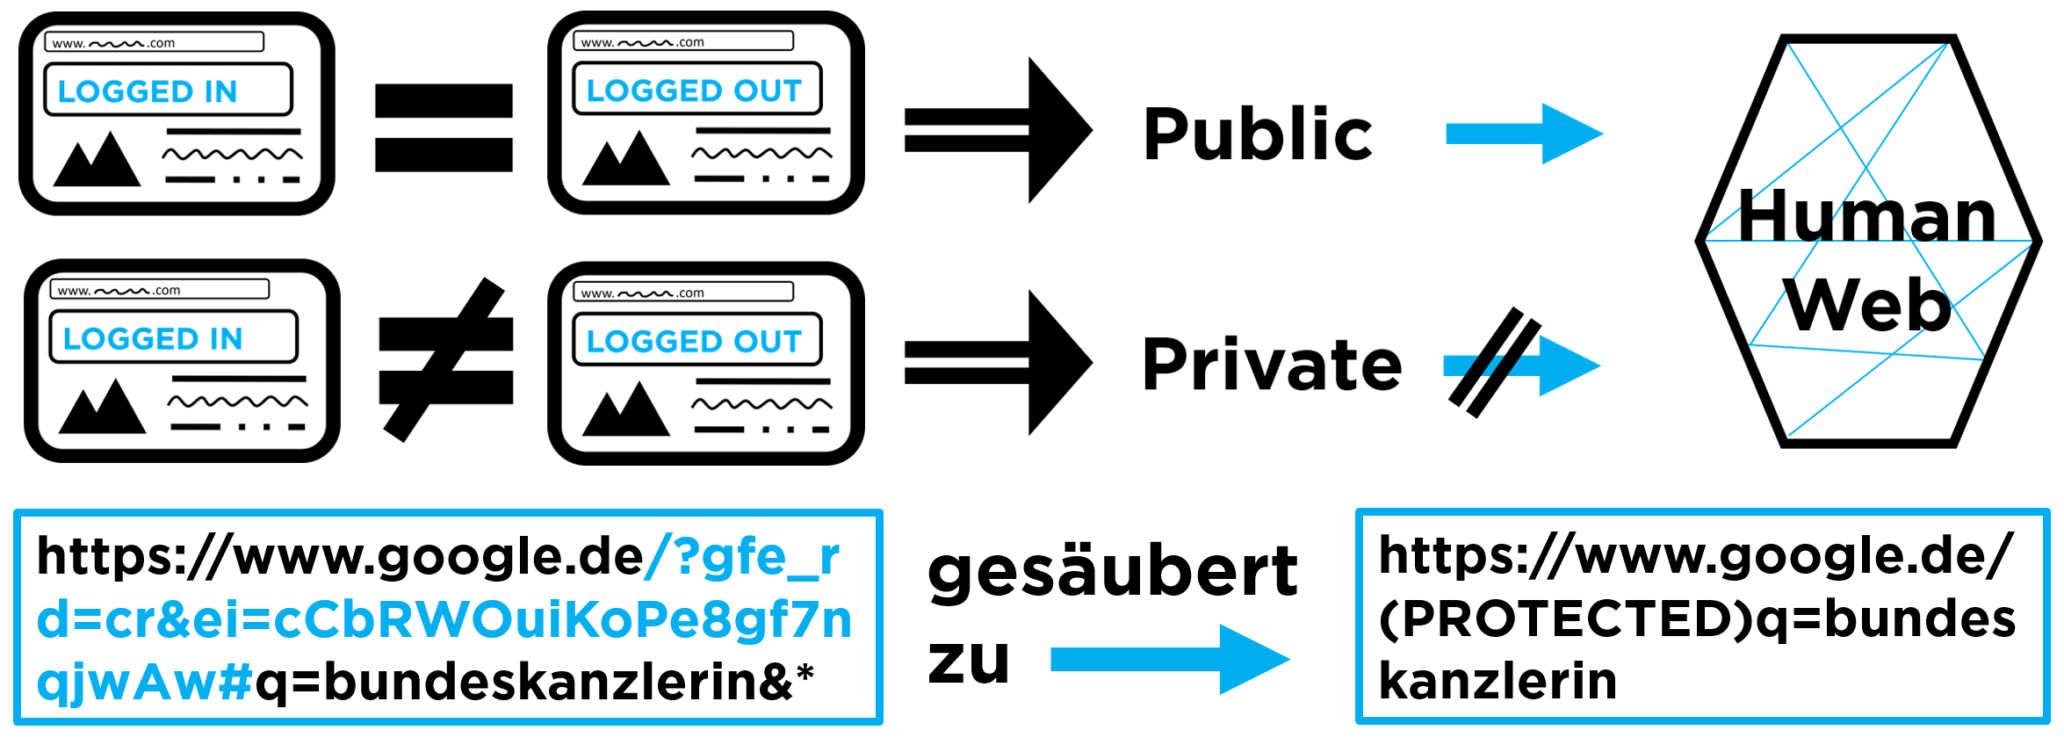 Anonymize Human Web